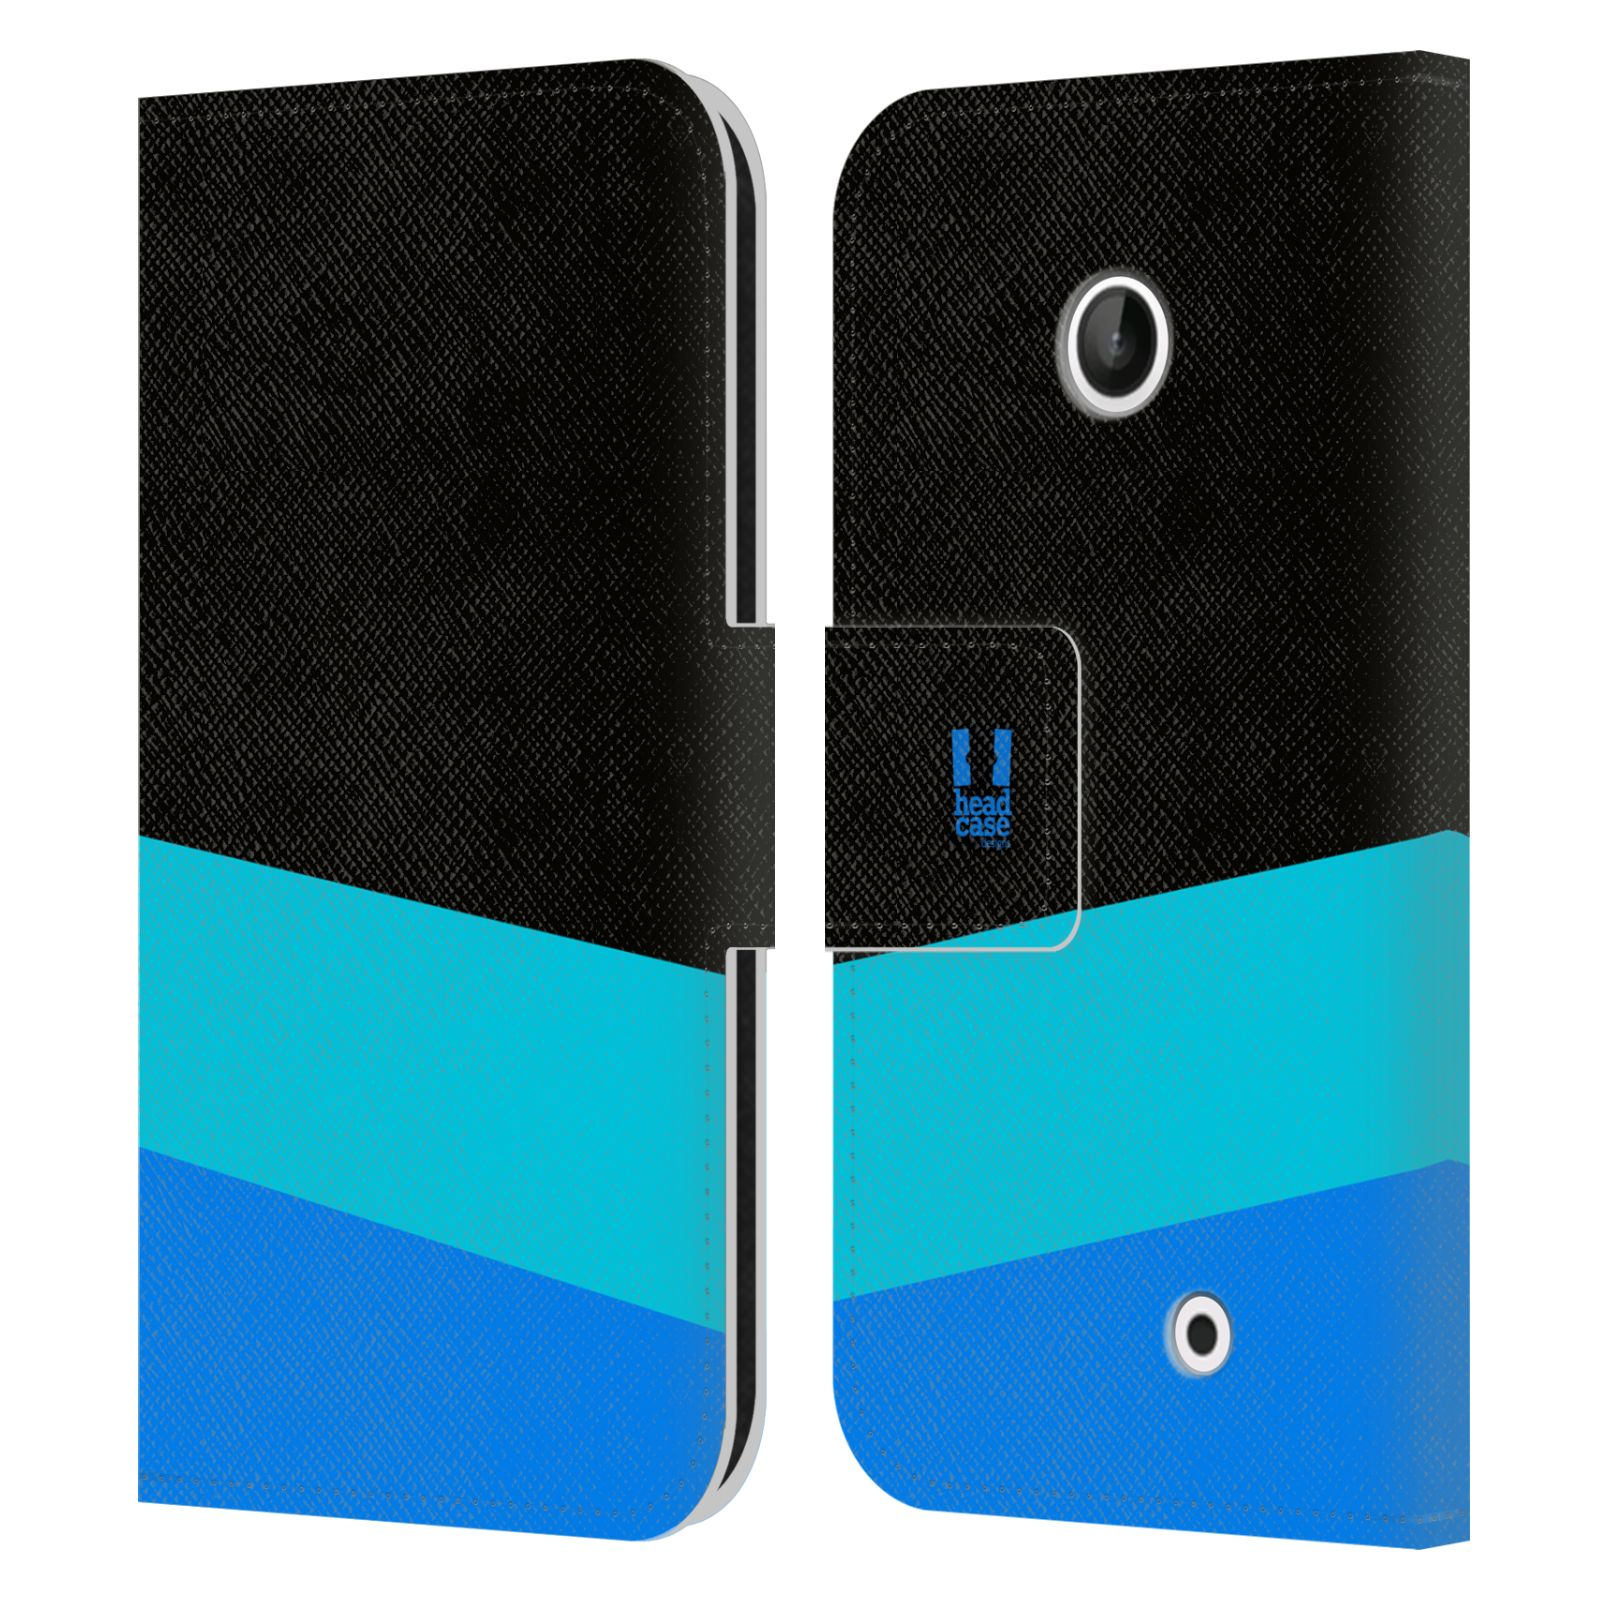 HEAD CASE Flipové pouzdro pro mobil Nokia LUMIA 630/630 DUAL barevné tvary modrá a černá FORMAL